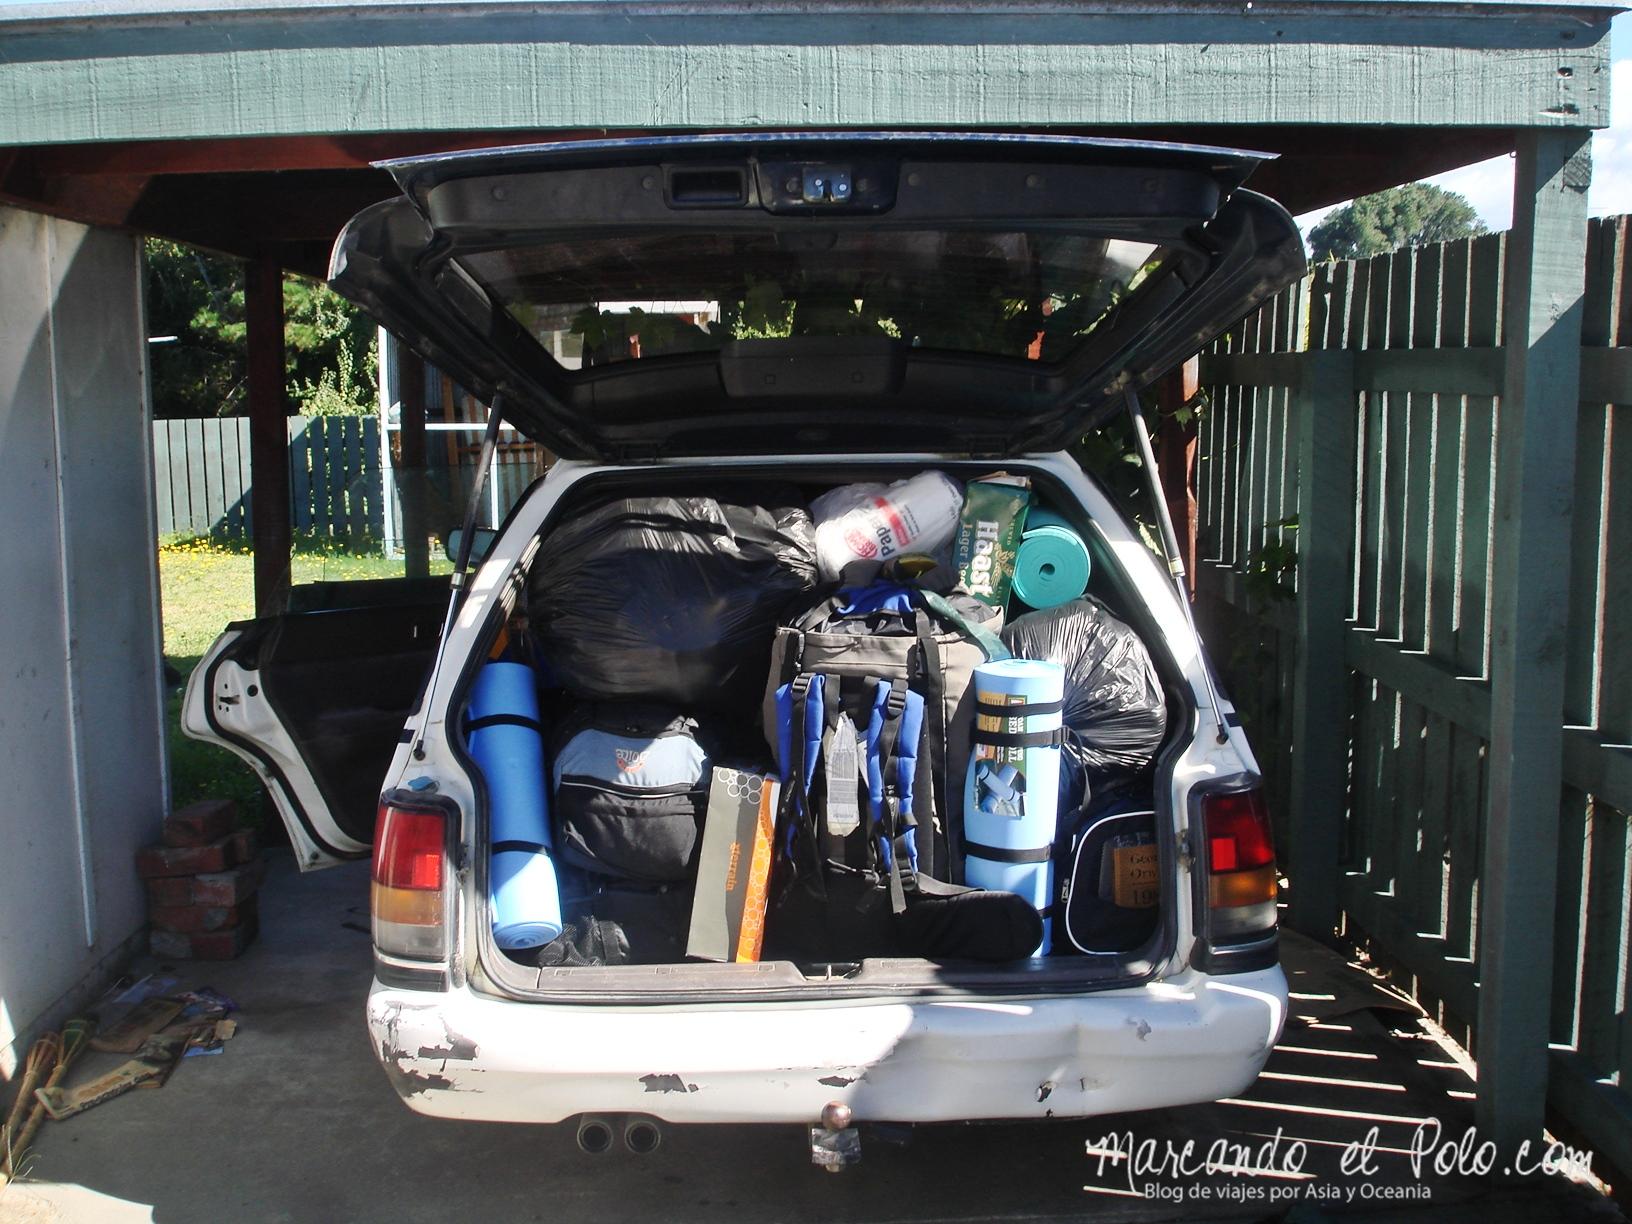 Comprar un auto en Nueva Zelanda: Baúl lleno